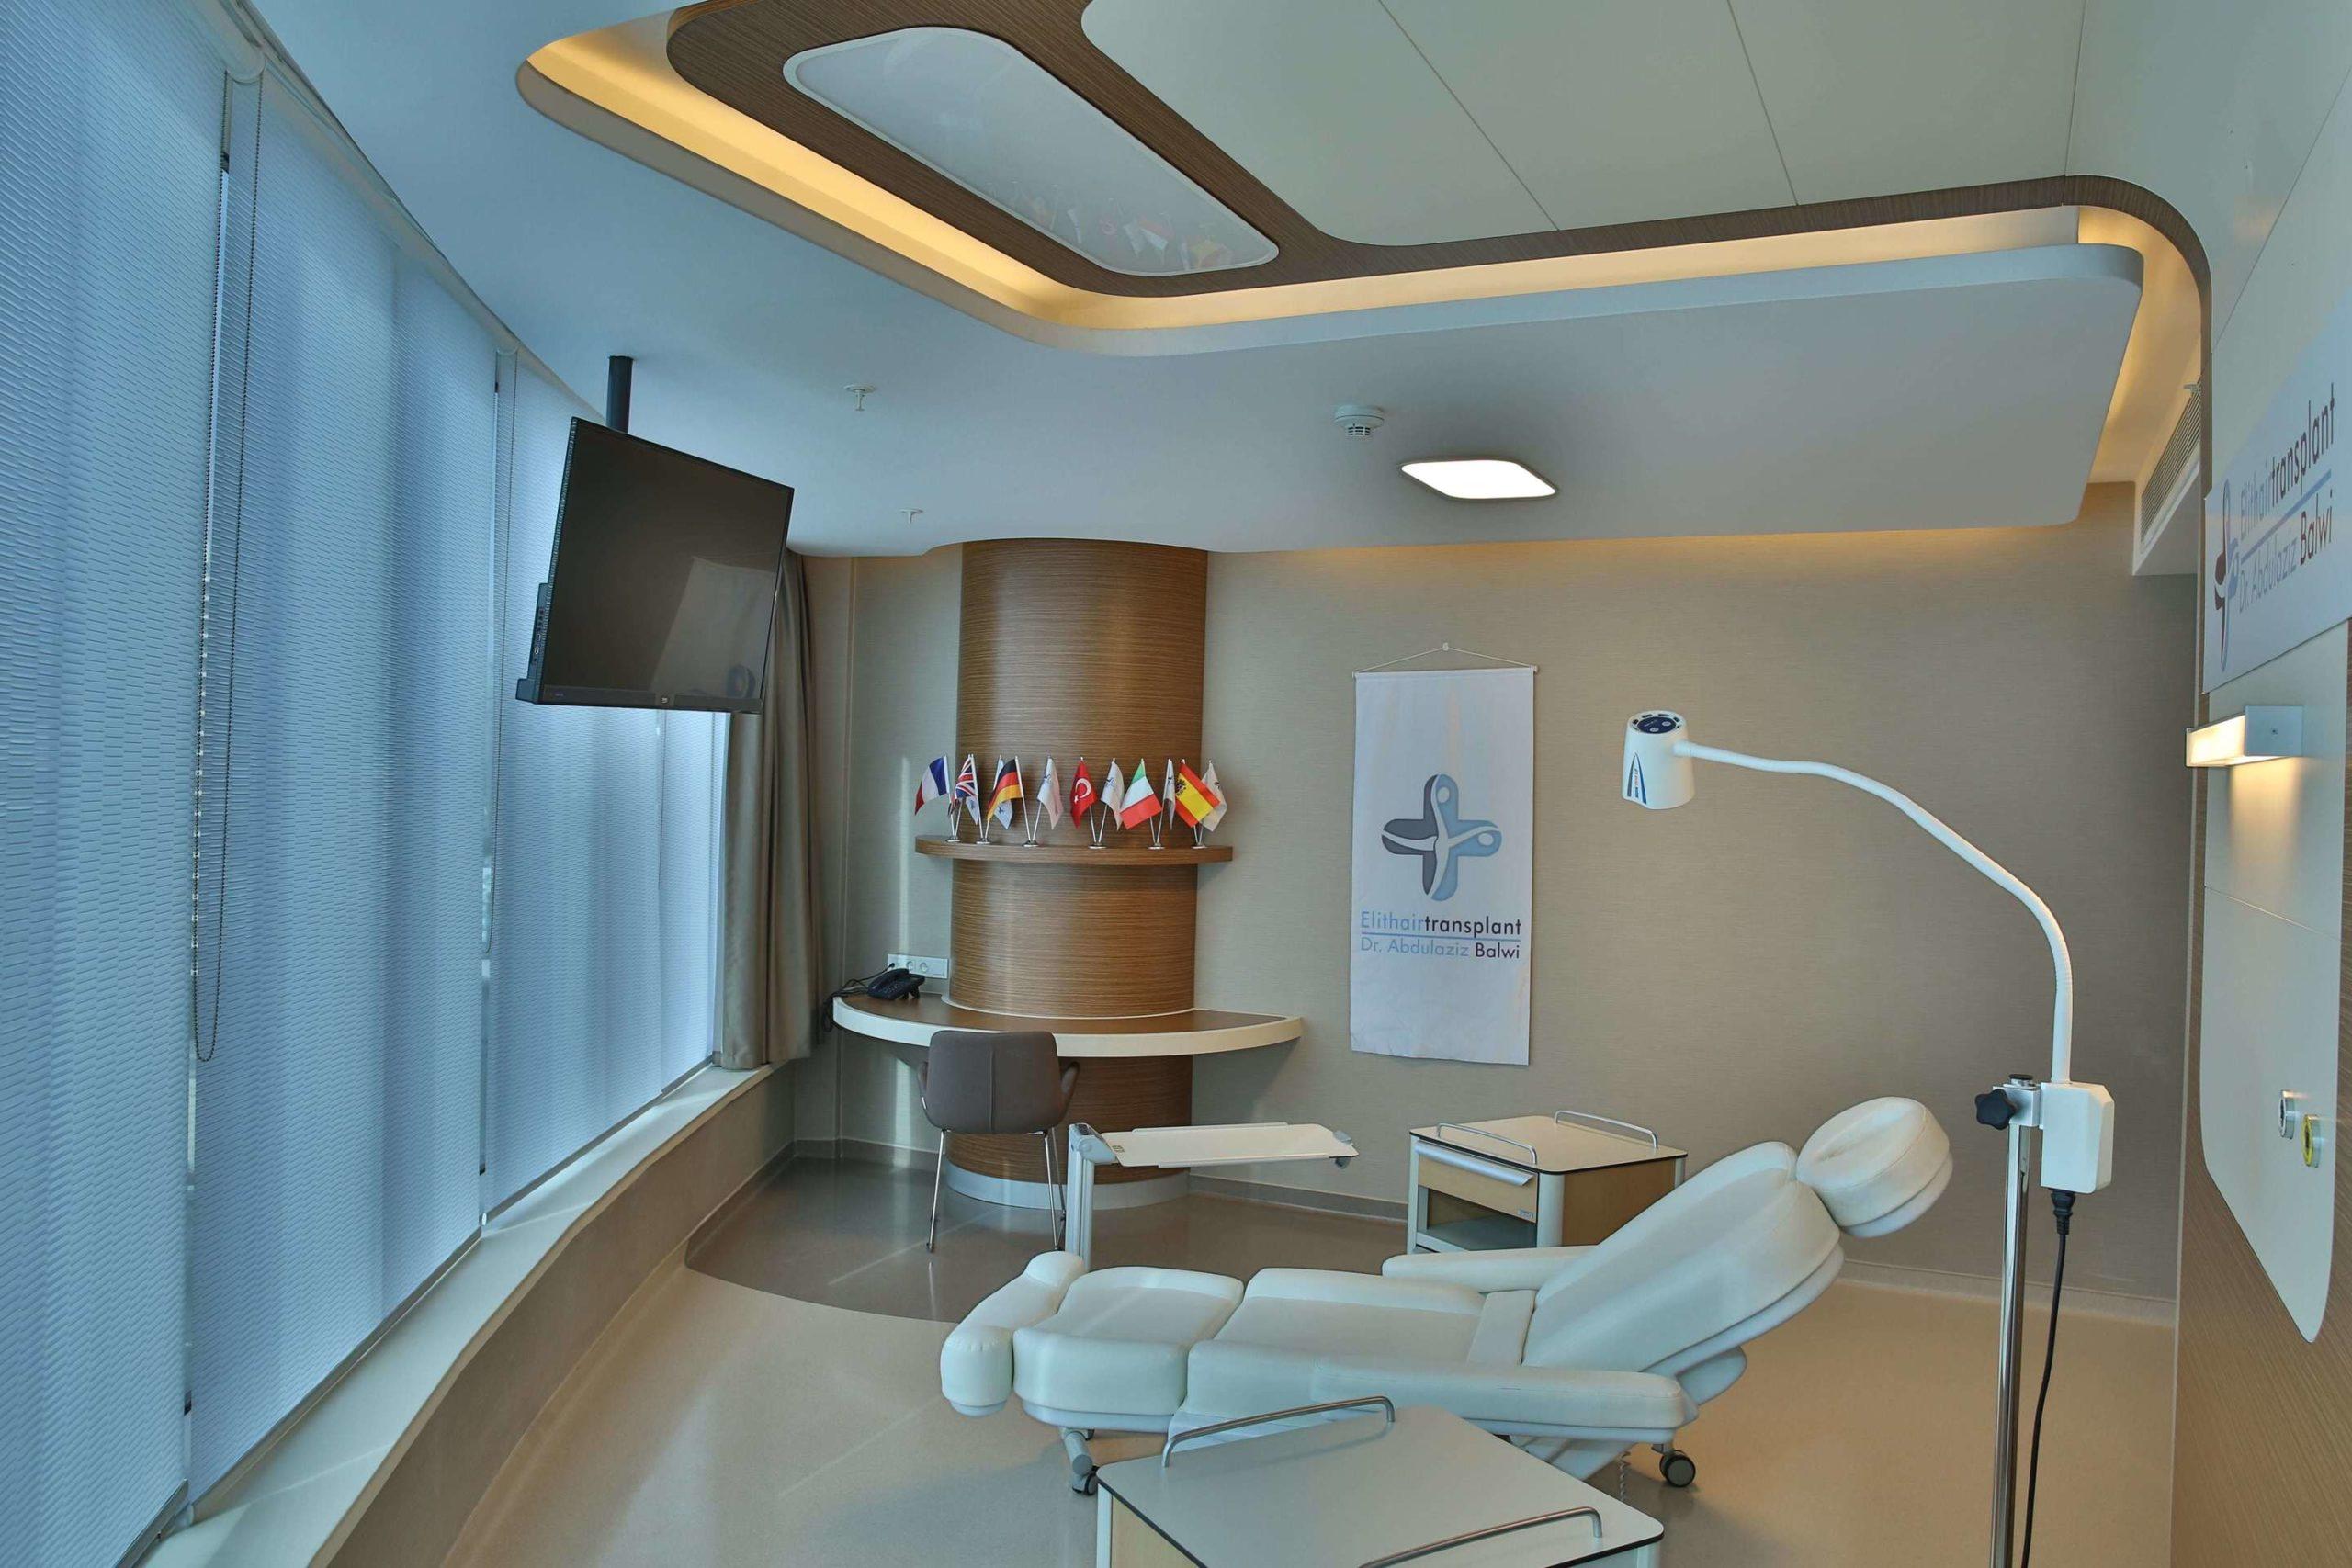 Elithairtransplant Klinik ist mein persönlicher Testsieger der Haartransplantation